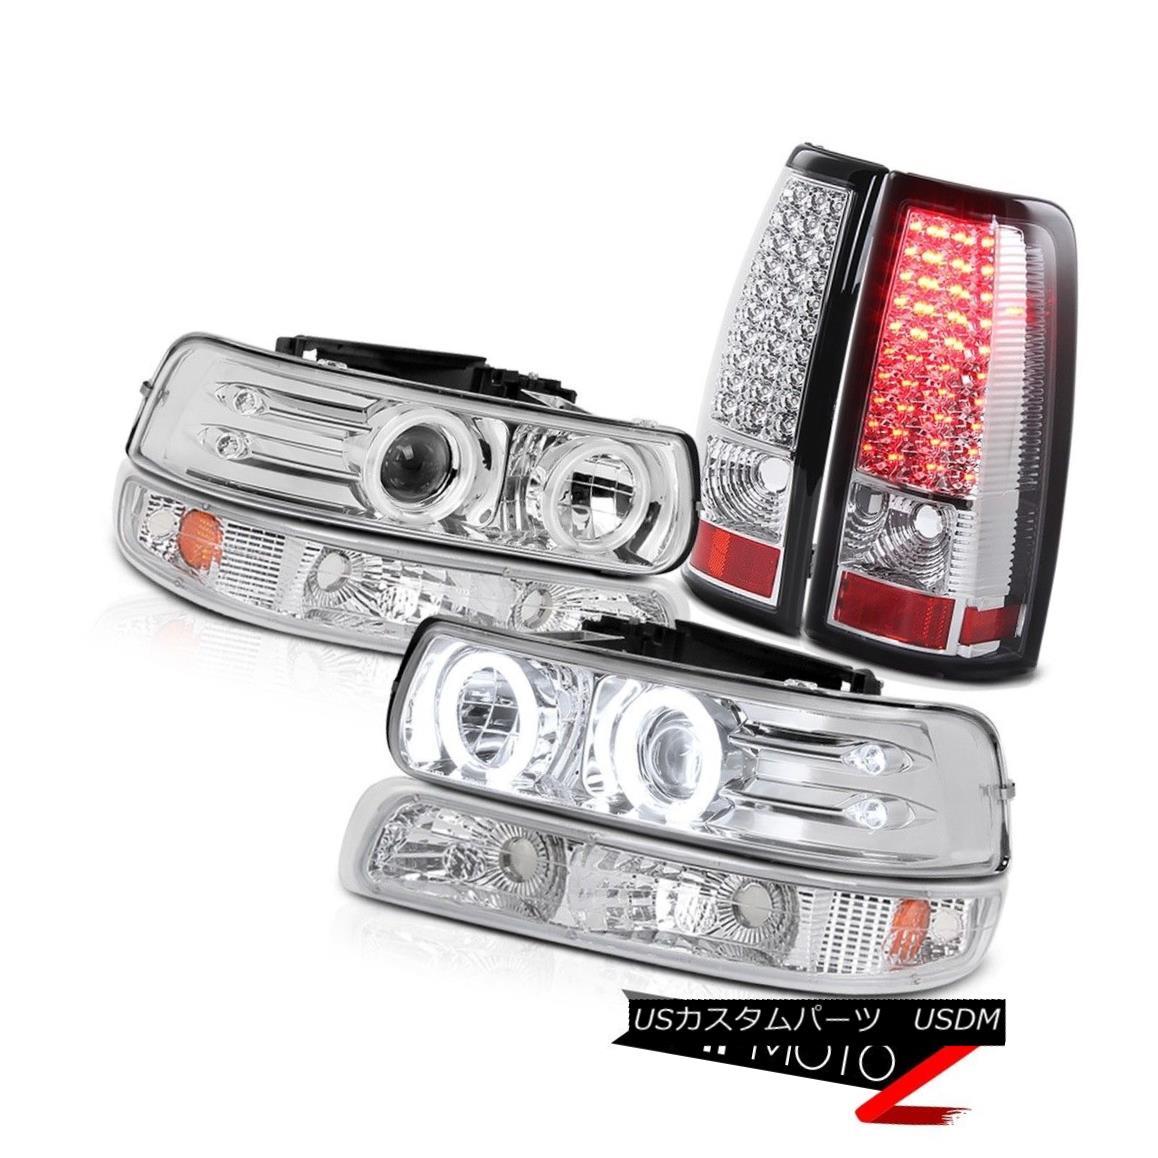 ヘッドライト BRIGHTEST CCFL! 1999-2002 Chevy Silverado Bumper Parking LED Headlight TailLamps 最も明るいCCFL! 1999-2002シボレーシルバラードバンパーパーキングLEDヘッドライトテールランプ